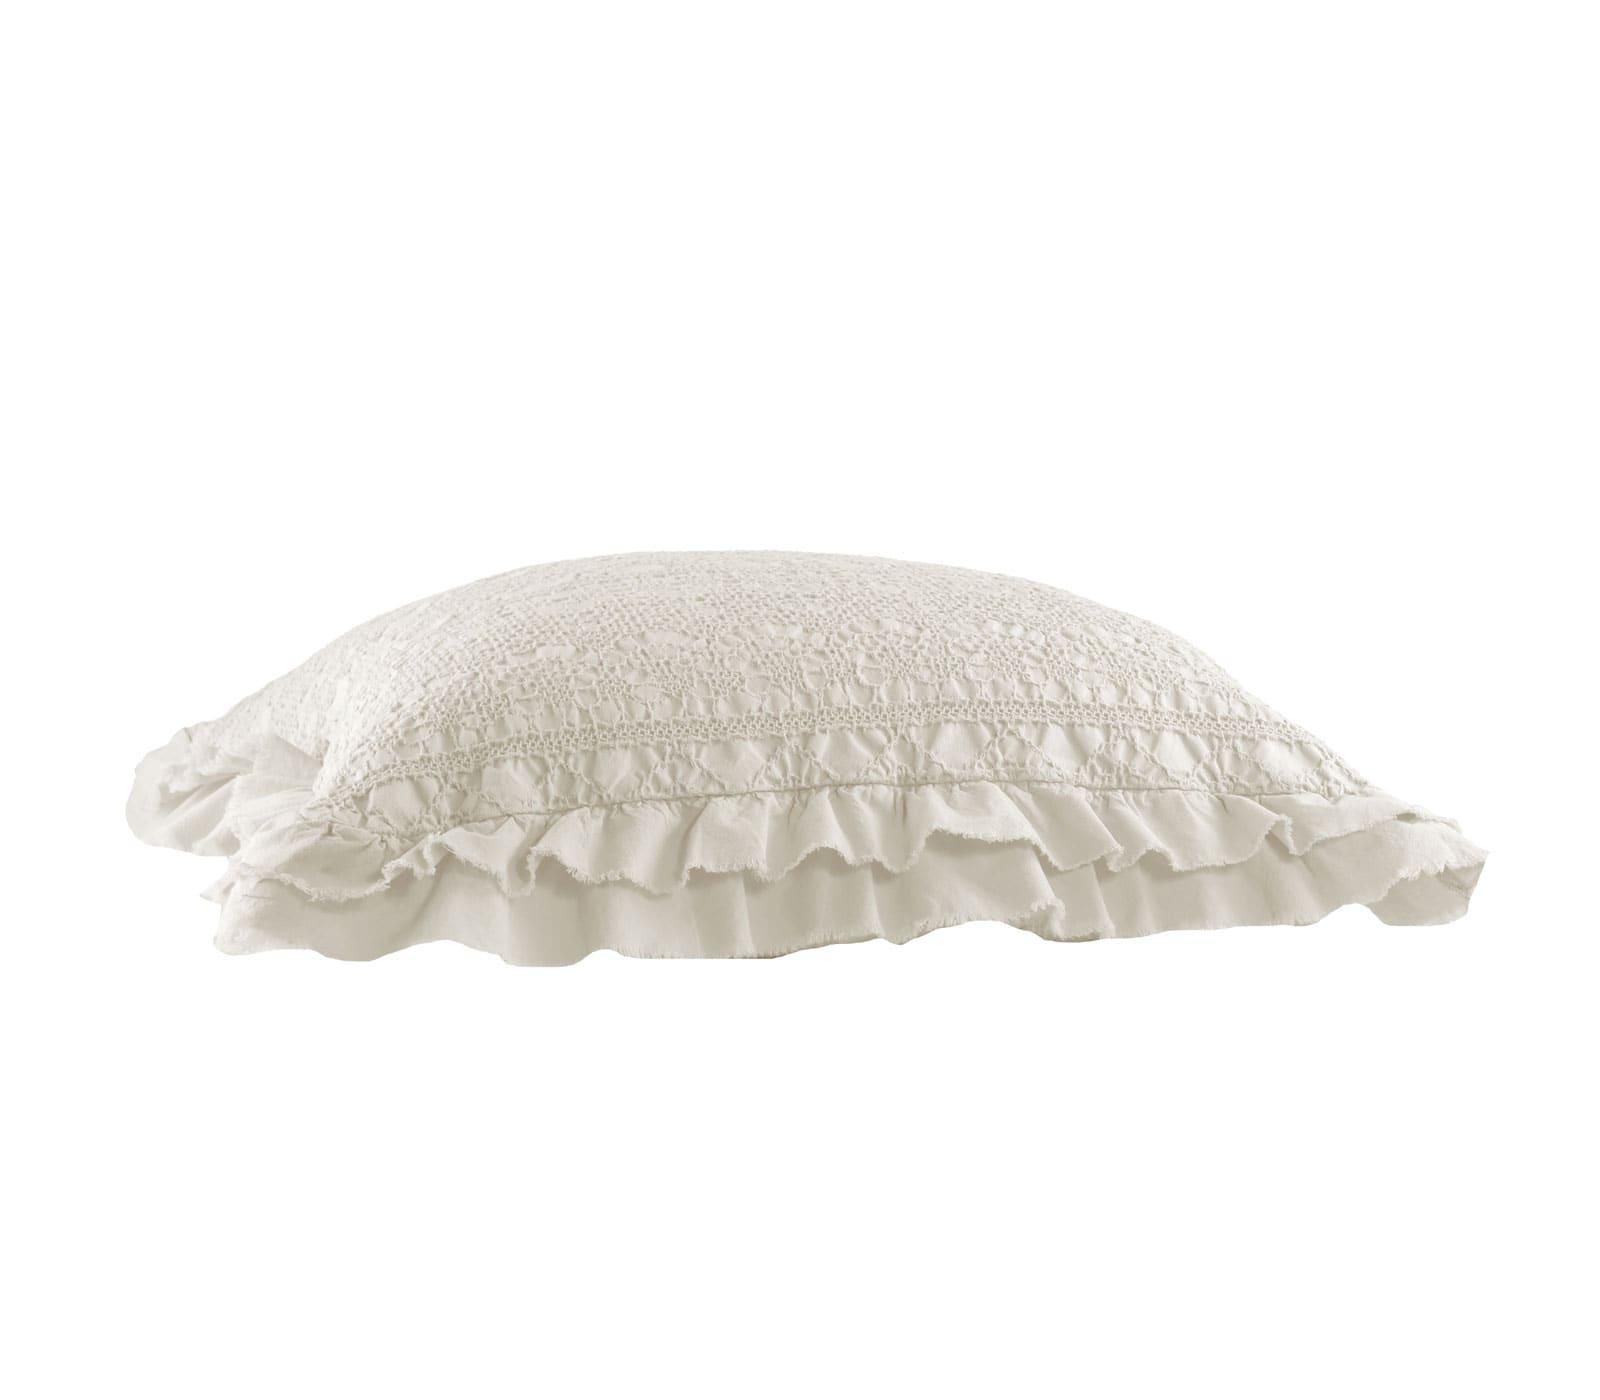 Μαξιλάρι Διακοσμητικό (Με Γέμιση) Aurelia Ecru Nef-Nef 50X50 100% Polyester